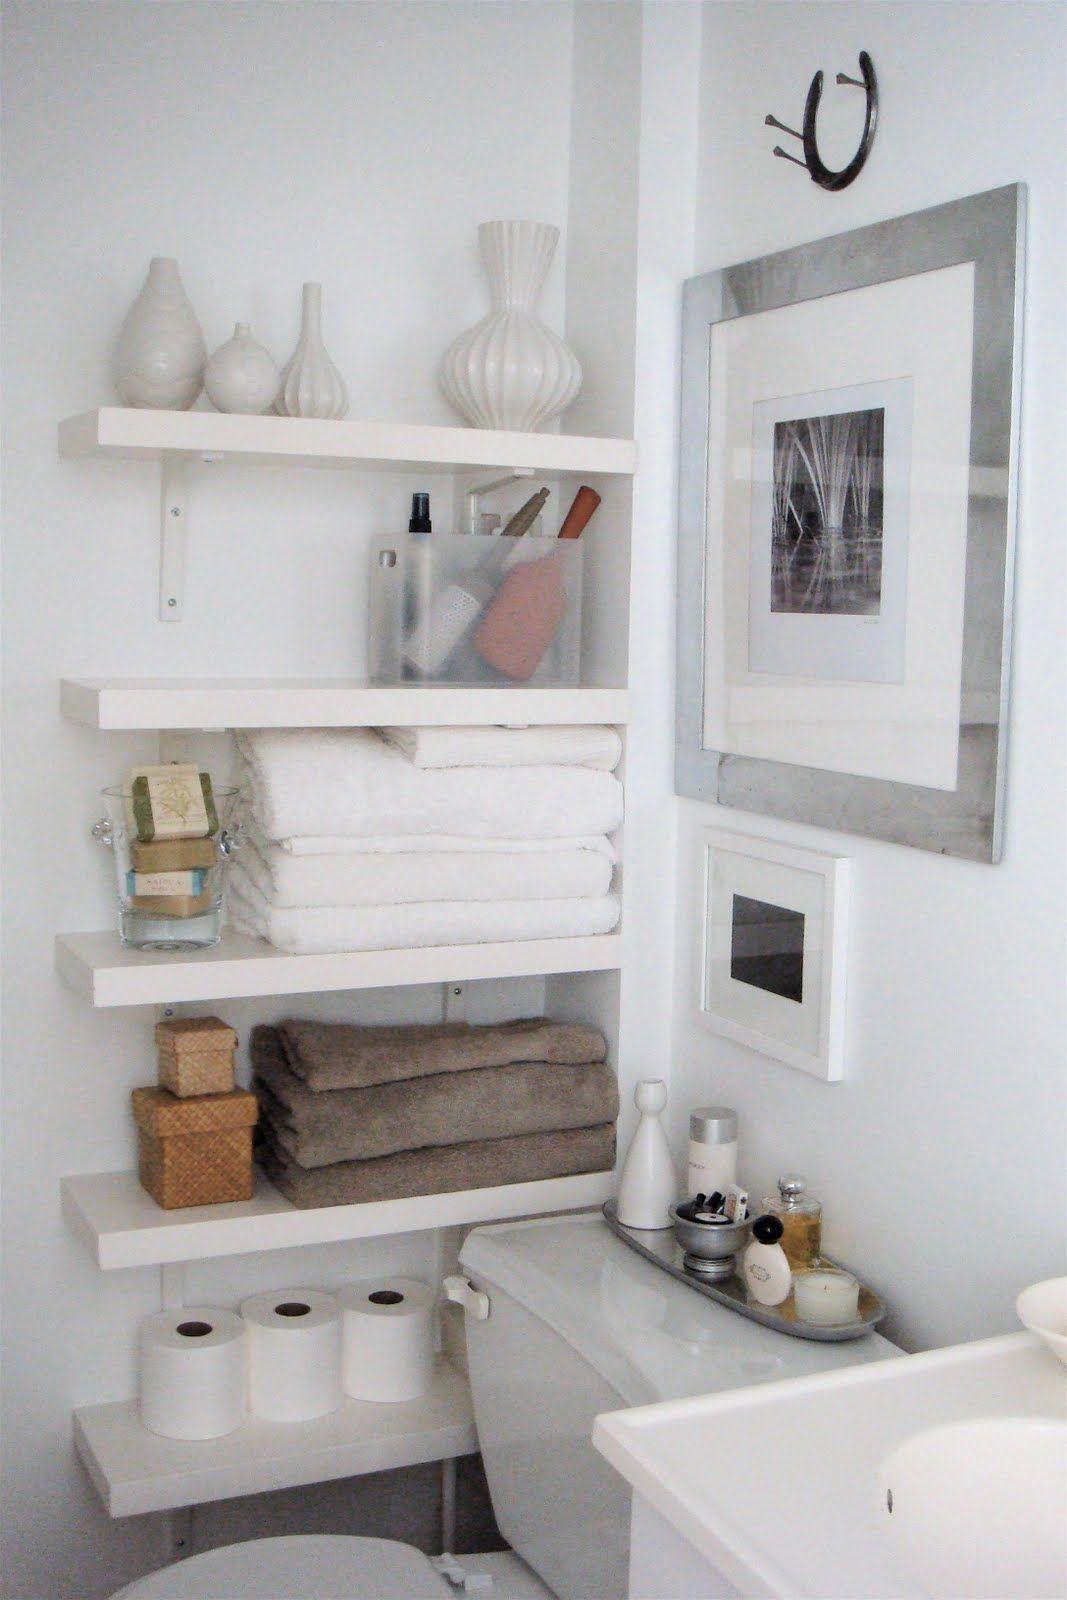 Deco baño   DEcoracion hogar   Pinterest   Deco, Baño y Baños